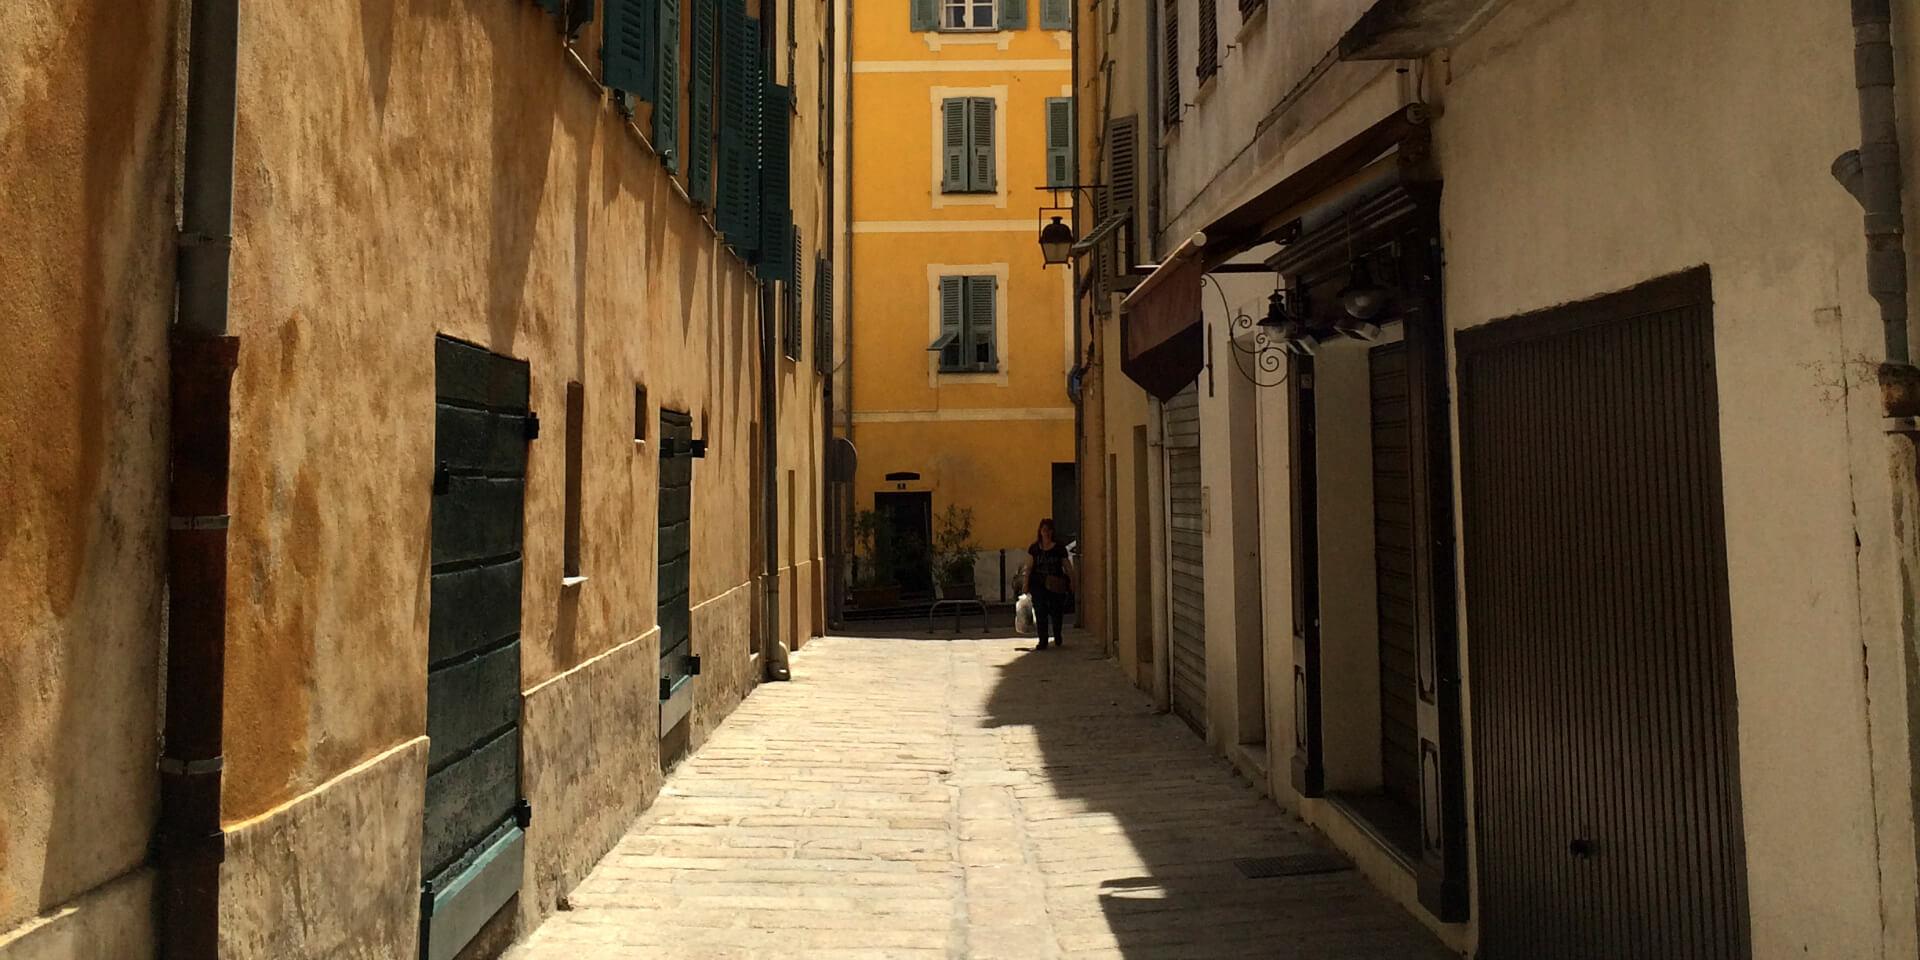 Une ruelle à deux pas de la maison où est né Napoléon dans la vieille ville d'Ajaccio, Corse.